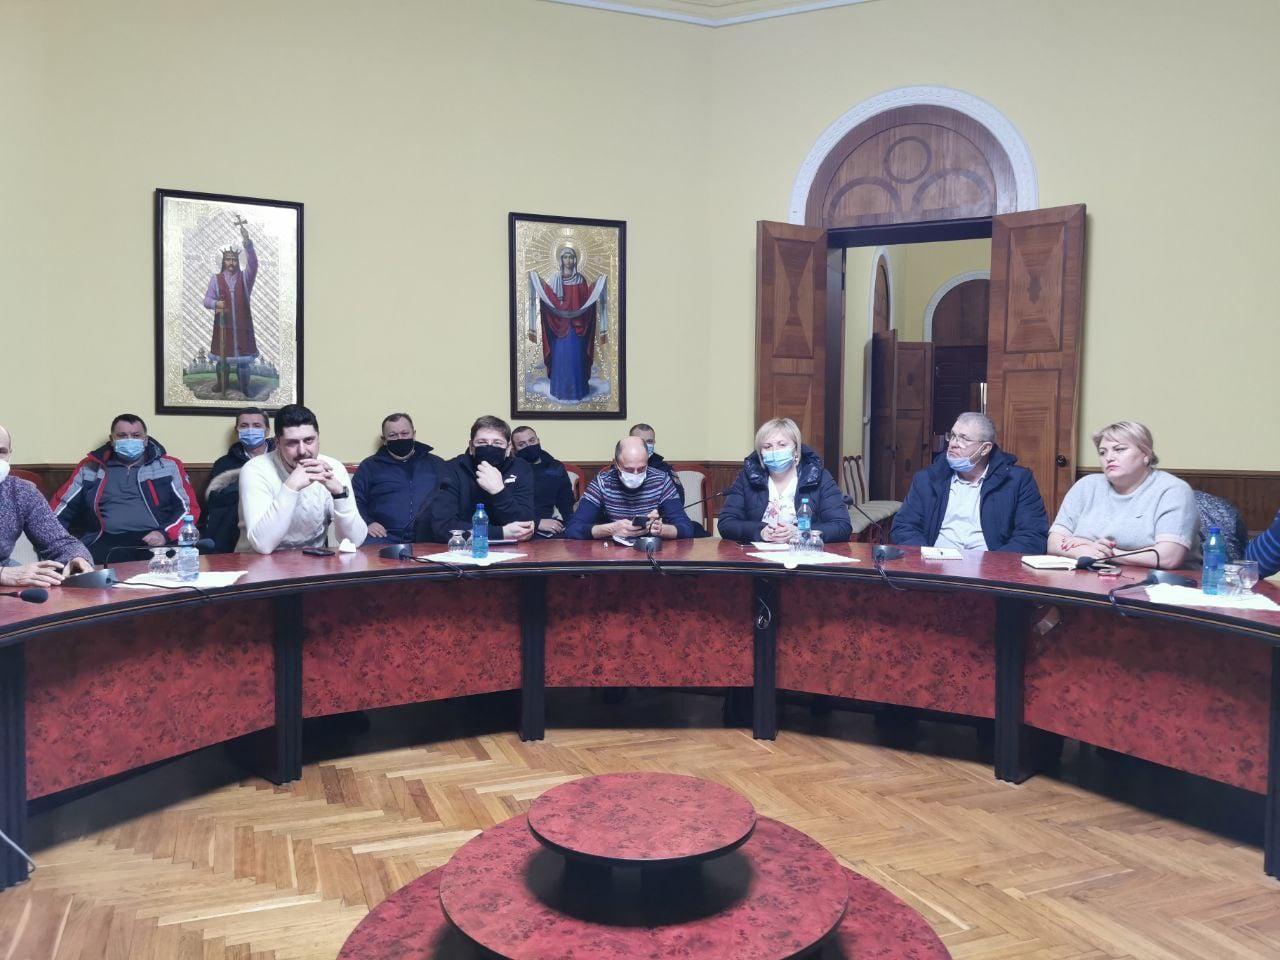 Чебан: Ситуация в городе находится под контролем муниципальных служб